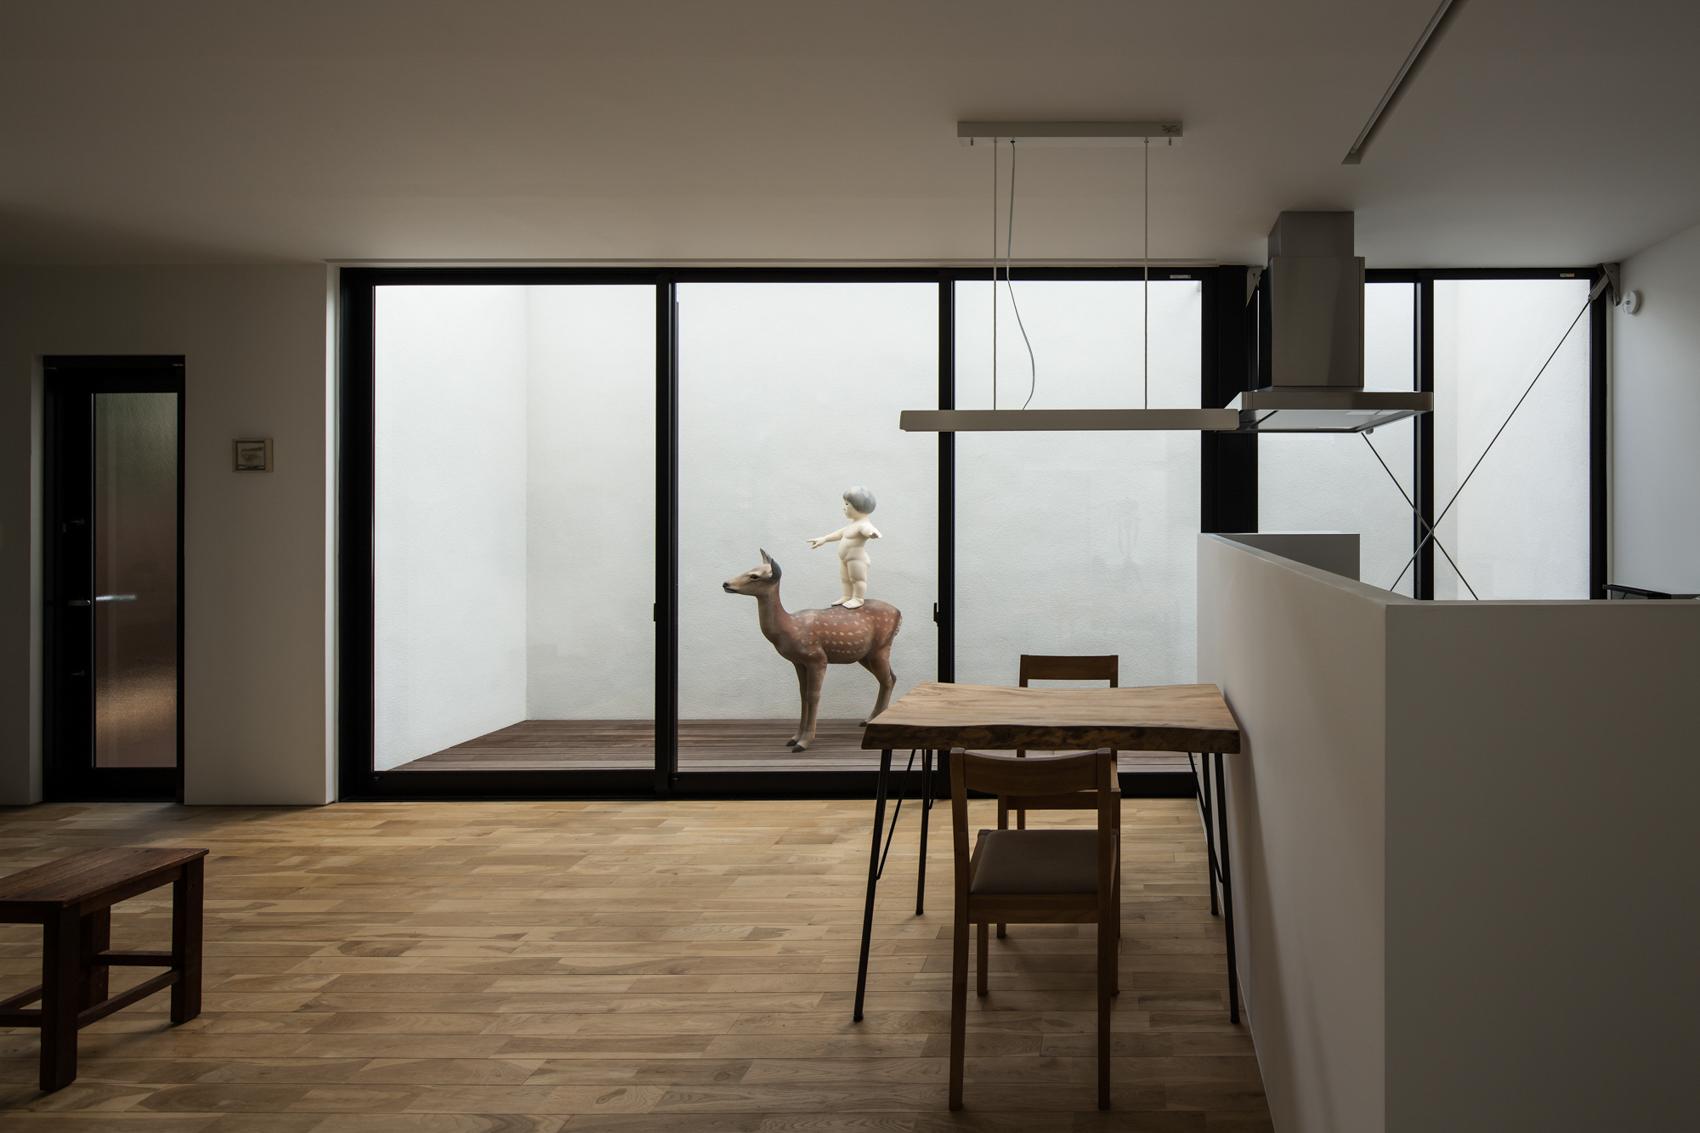 設計:タカヤマ建築事務所